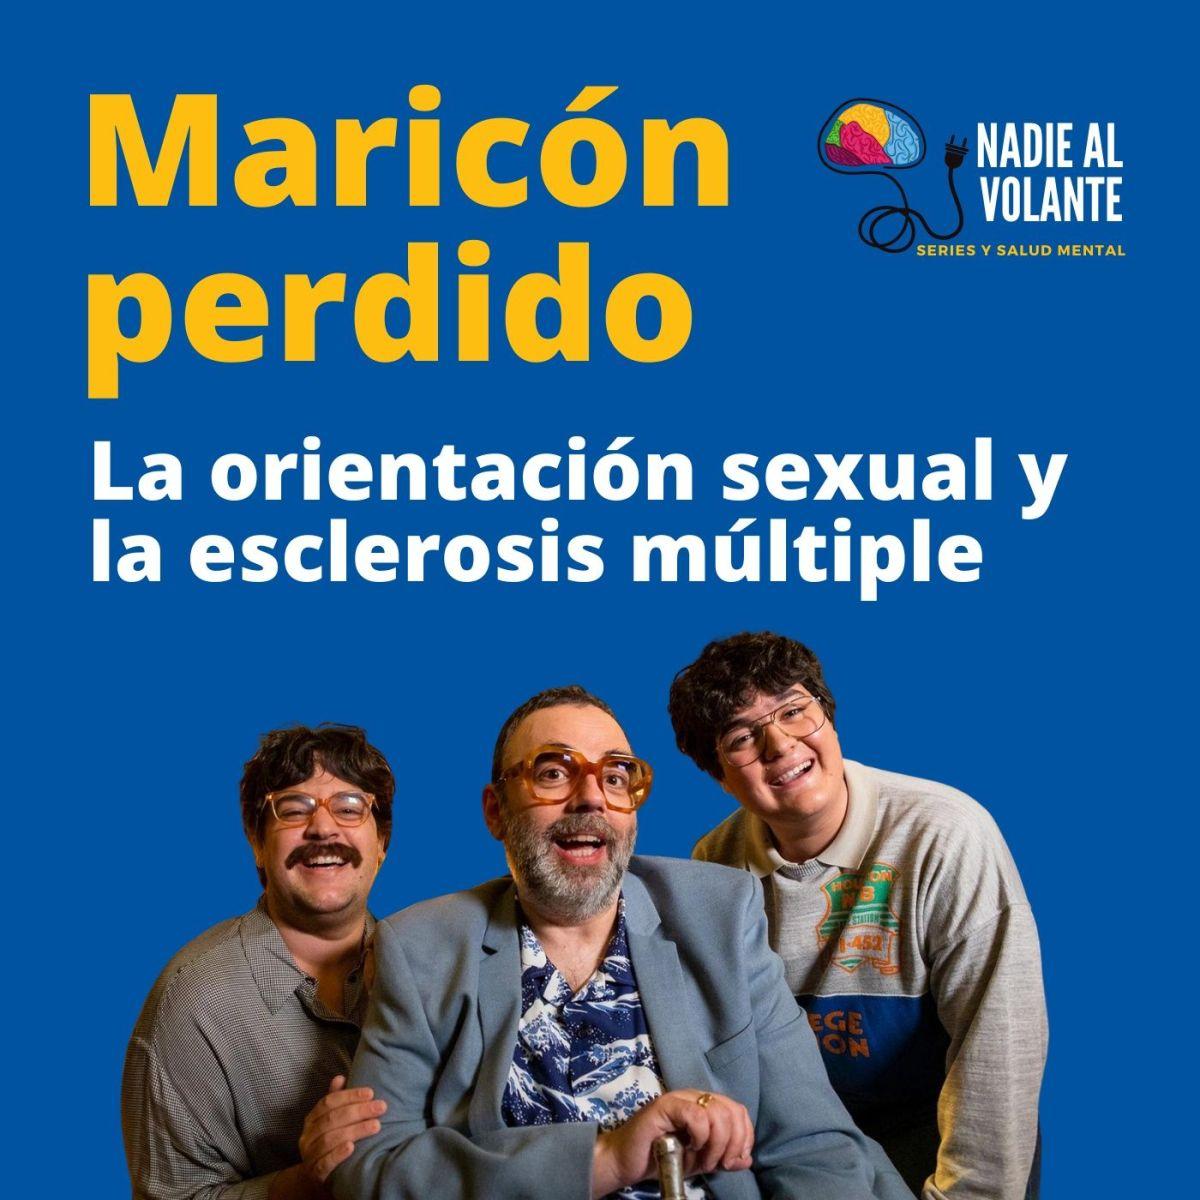 Maricón perdido, la orientación sexual y la esclerosis múltiple